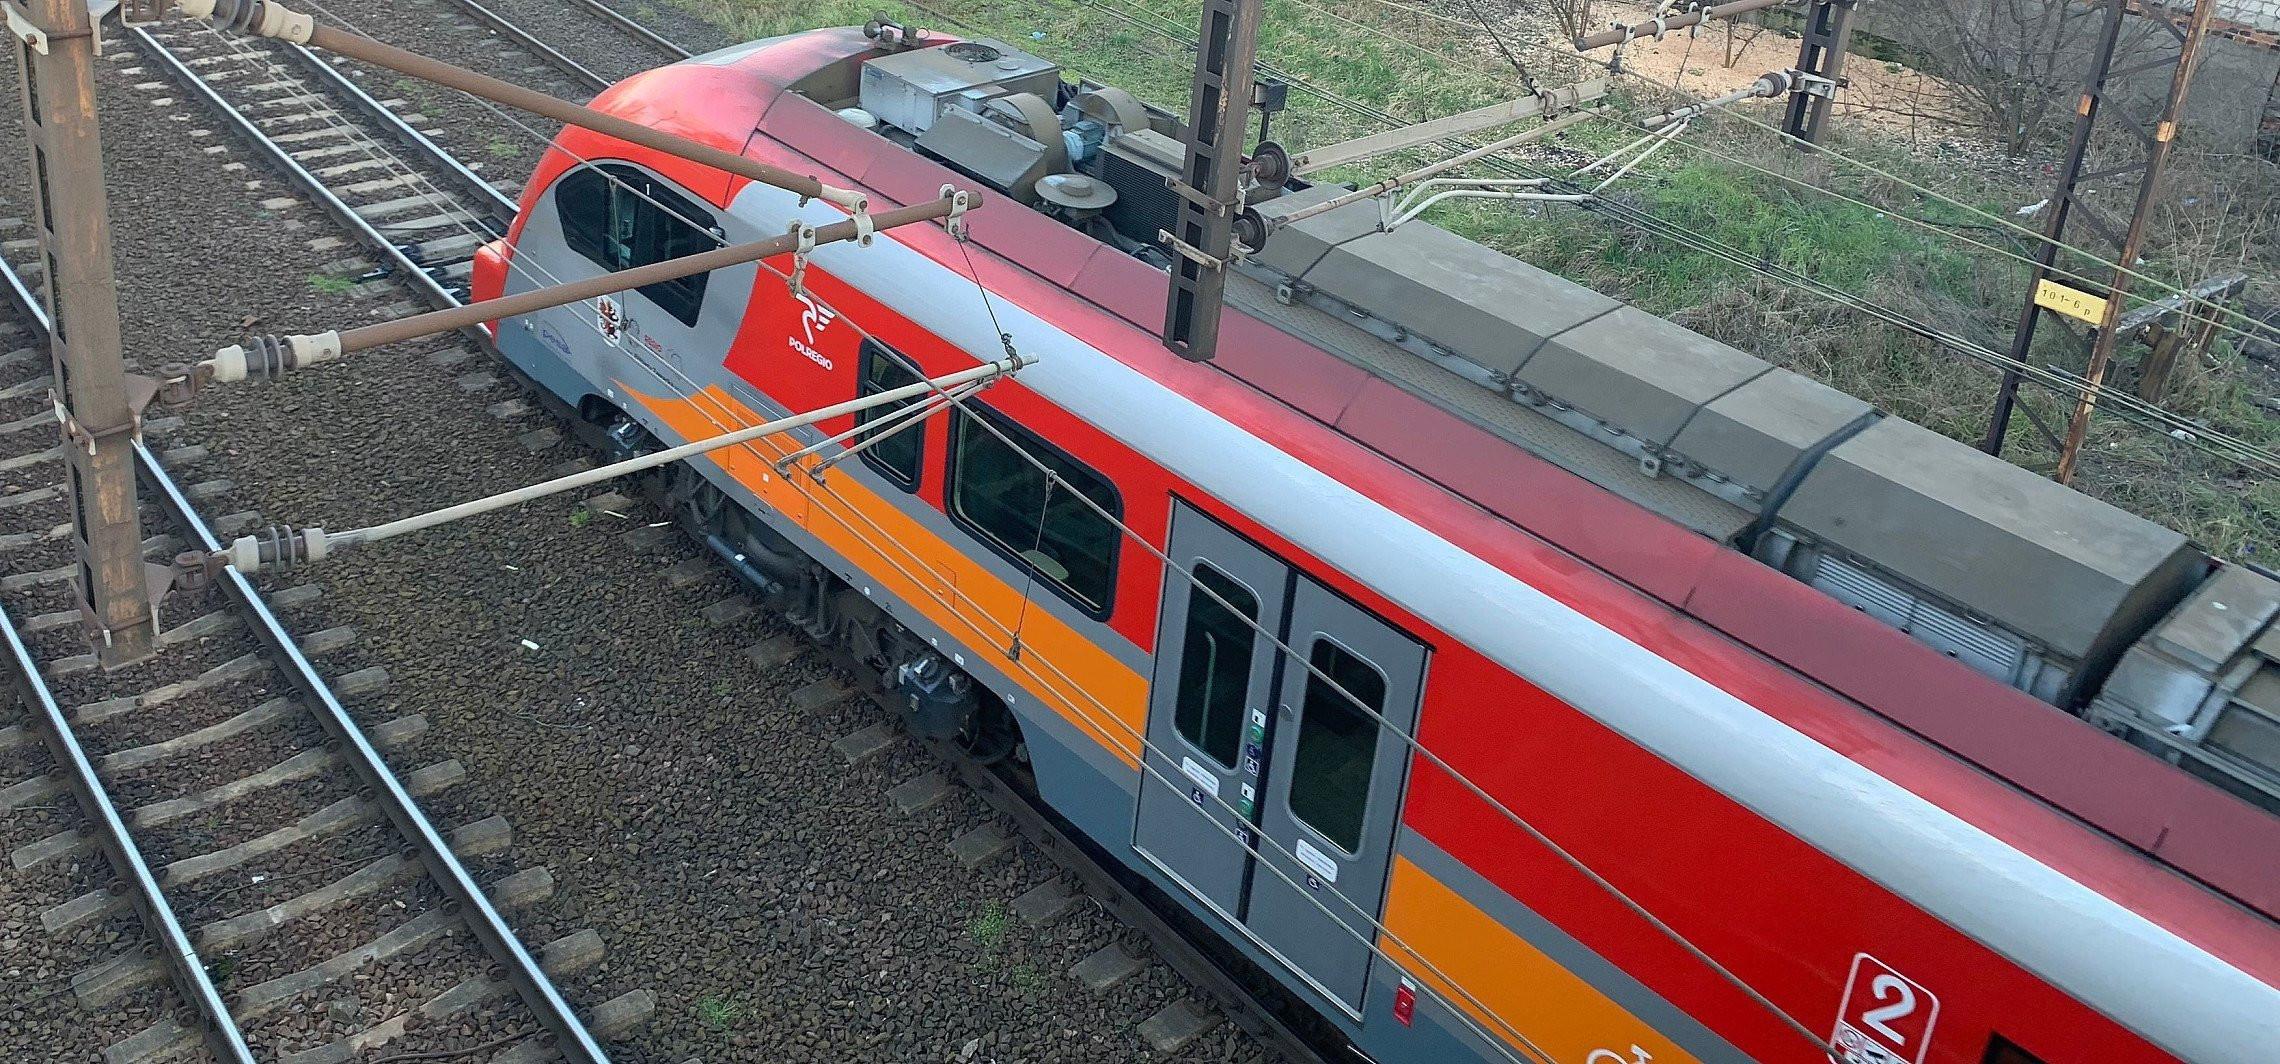 Inowrocław - Wracają niektóre pociągi, ale nie do Inowrocławia